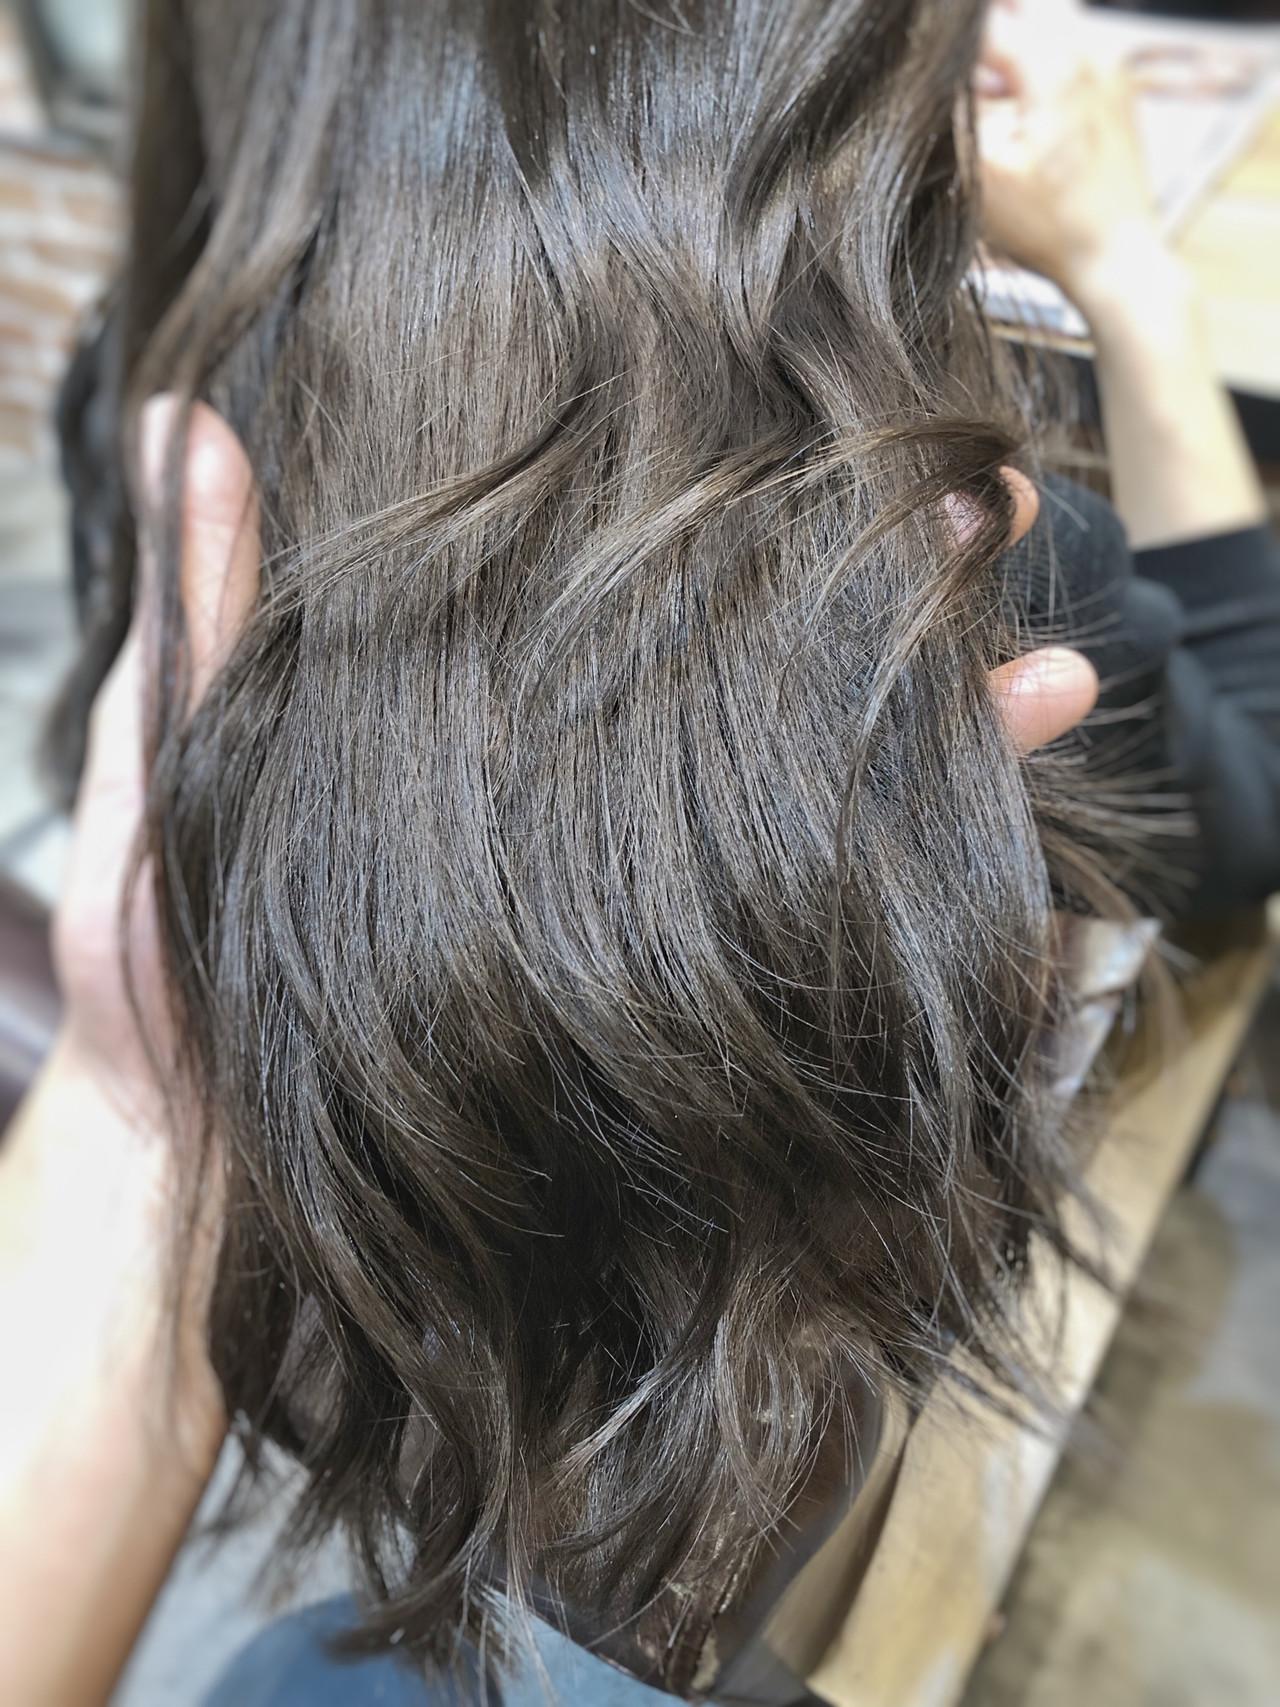 グレージュ デジタルパーマ イルミナカラー 3Dカラー ヘアスタイルや髪型の写真・画像 | 桜井隆太/chobii/プロデューサー/銀座 / chobii 銀座